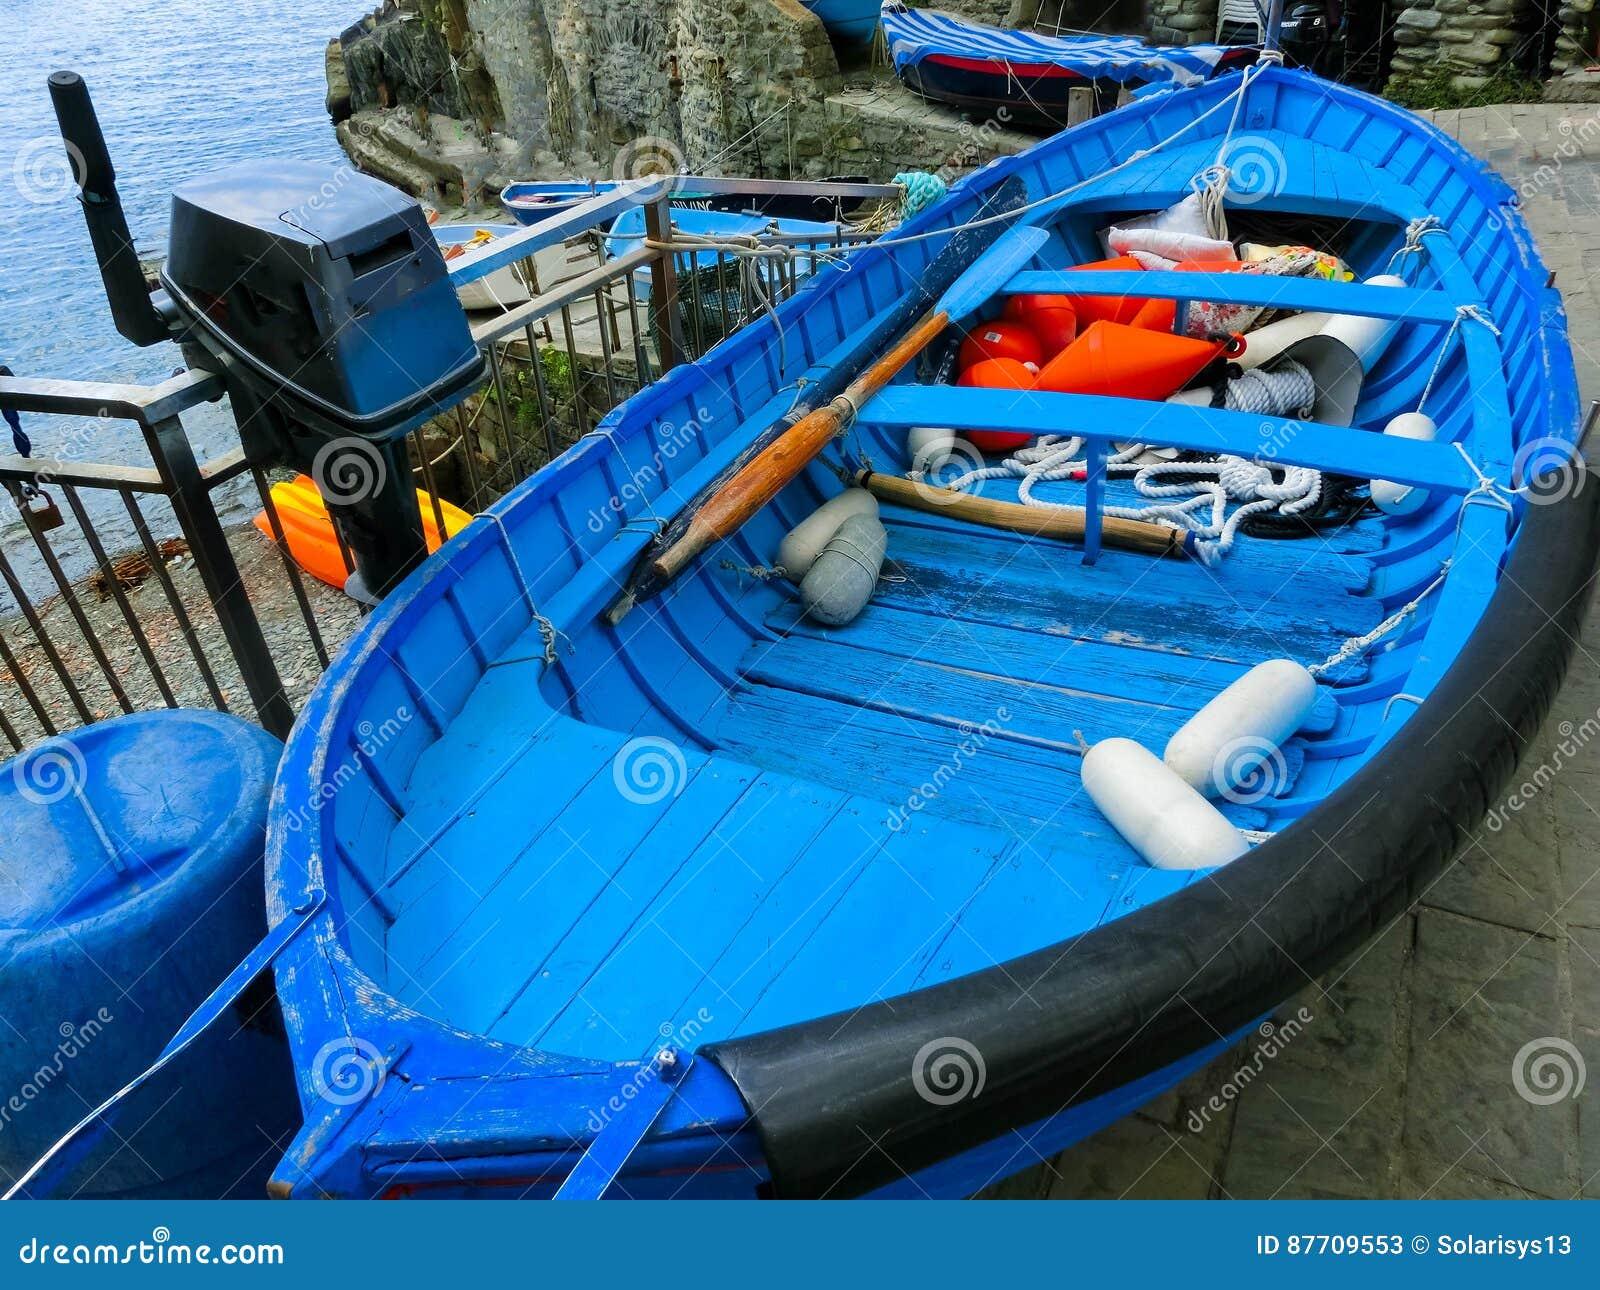 Le bateau bleu de poissons chez Riomaggiore, Cinque Terre National Park, Ligurie, La Spezia